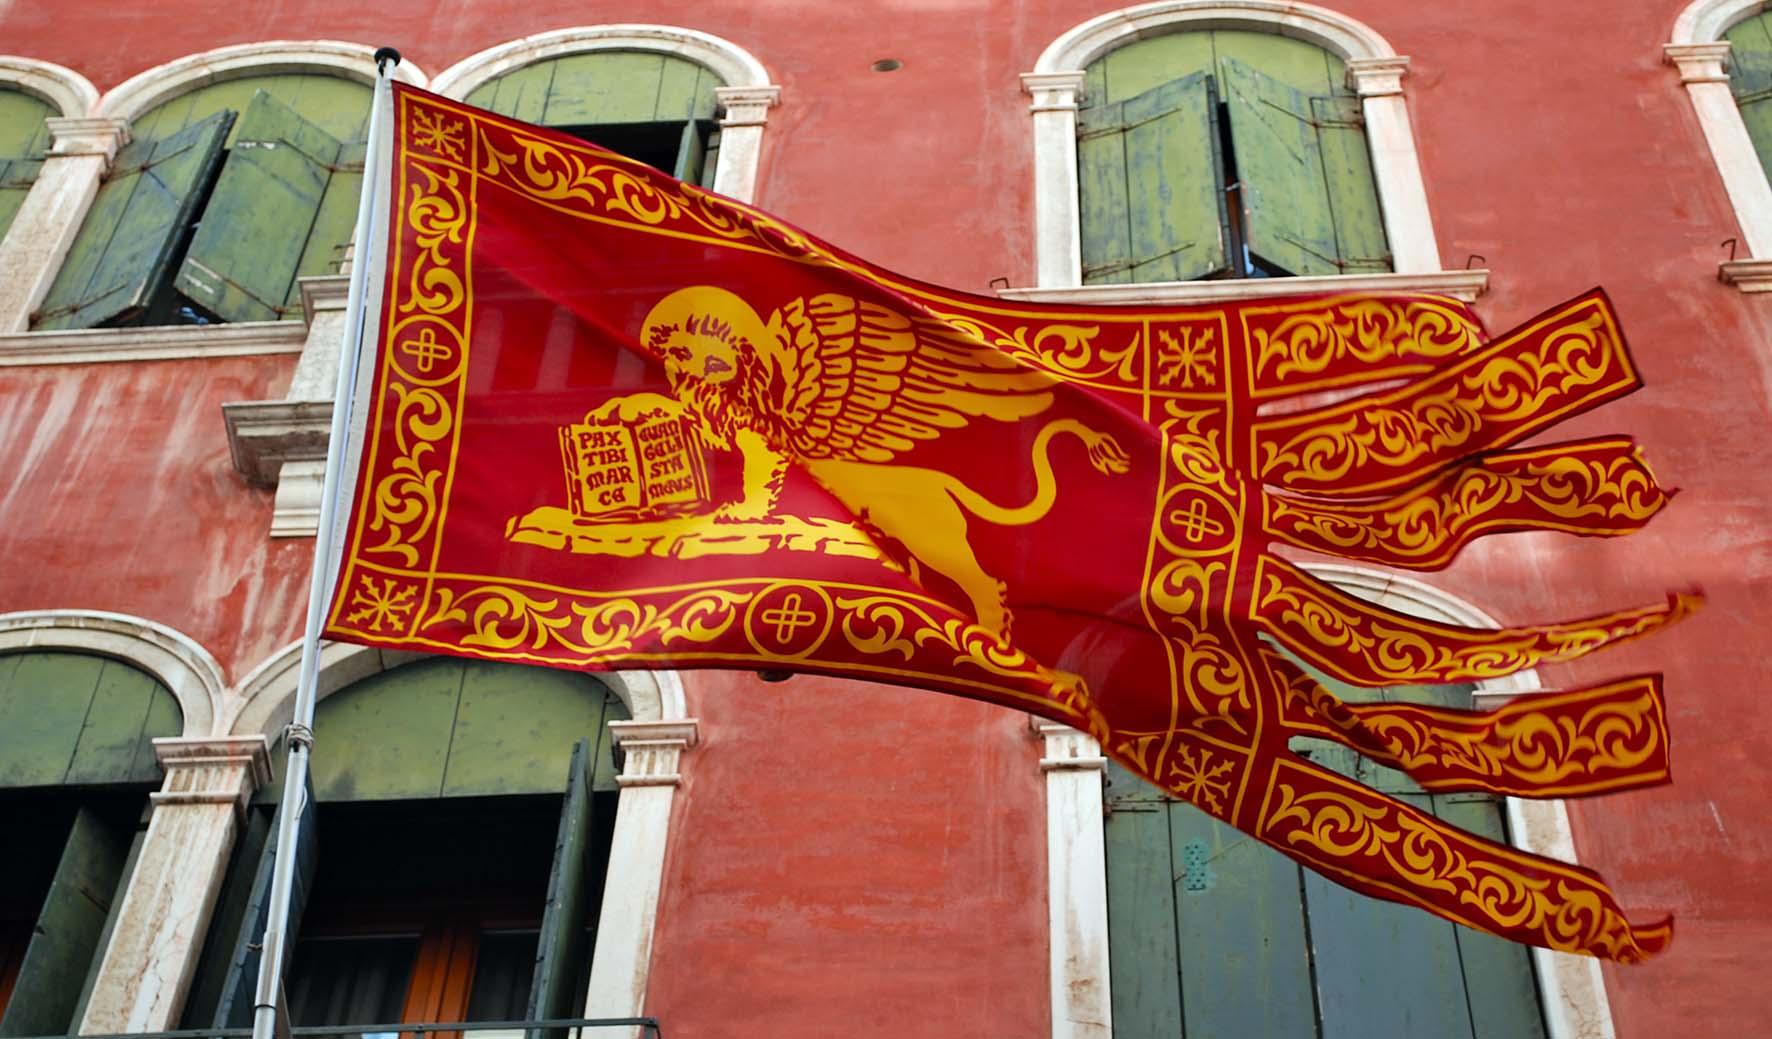 autonomia gonfalone bandiera veneto maggiore autonomia